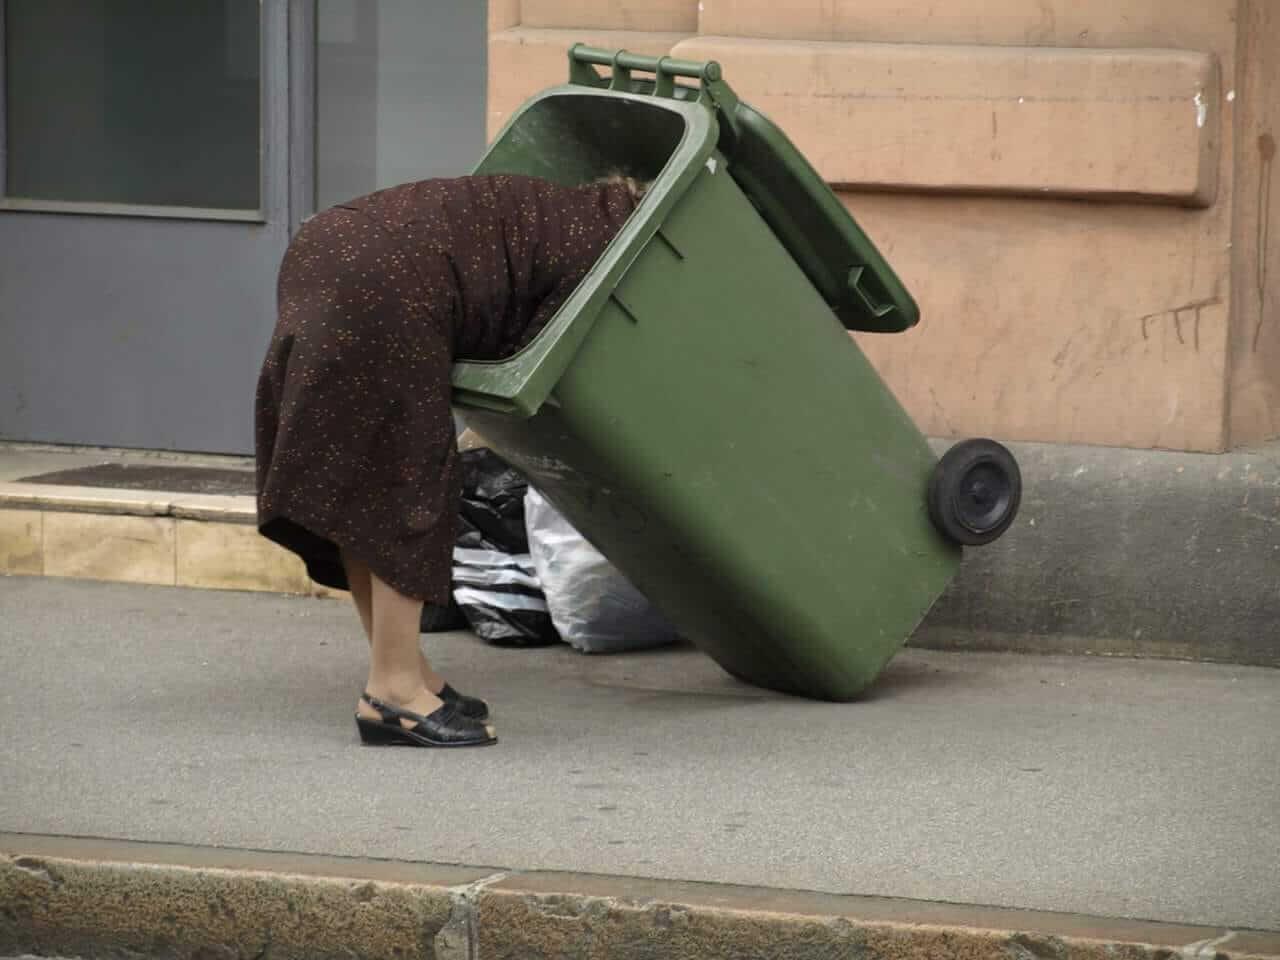 Baka u centru Zagreba za vrijeme ručka na Dan neovisnosti kopa po kanti za smeće